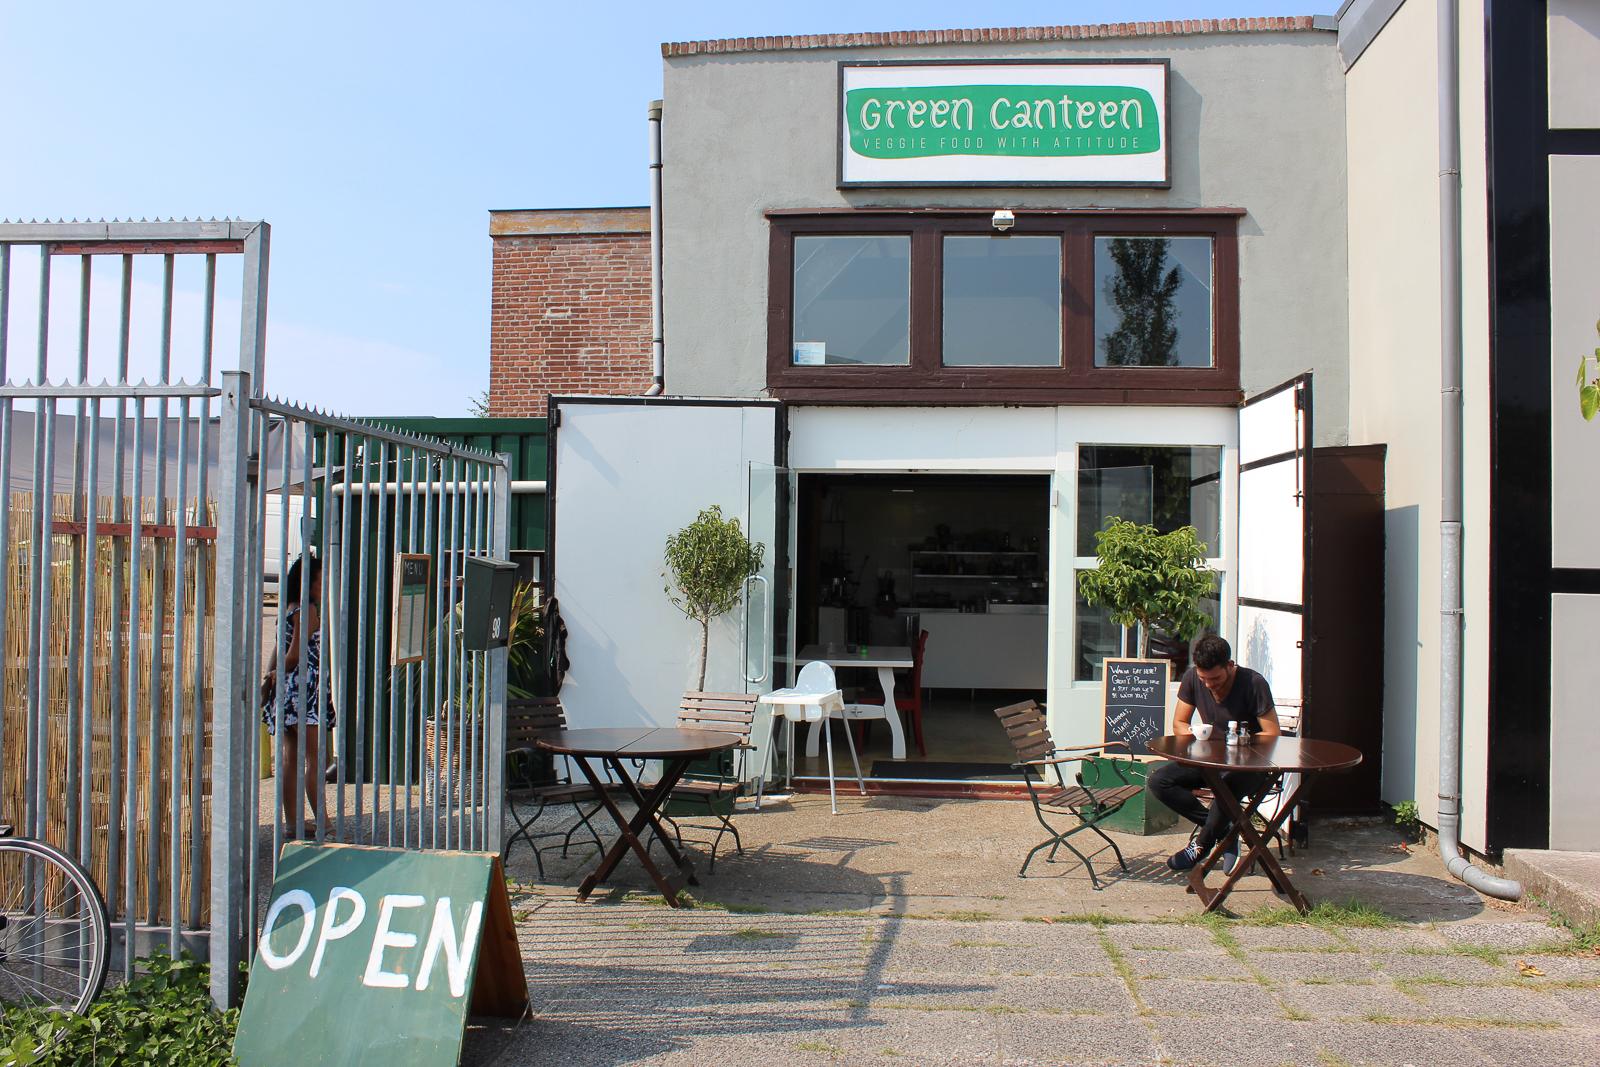 Green Canteen